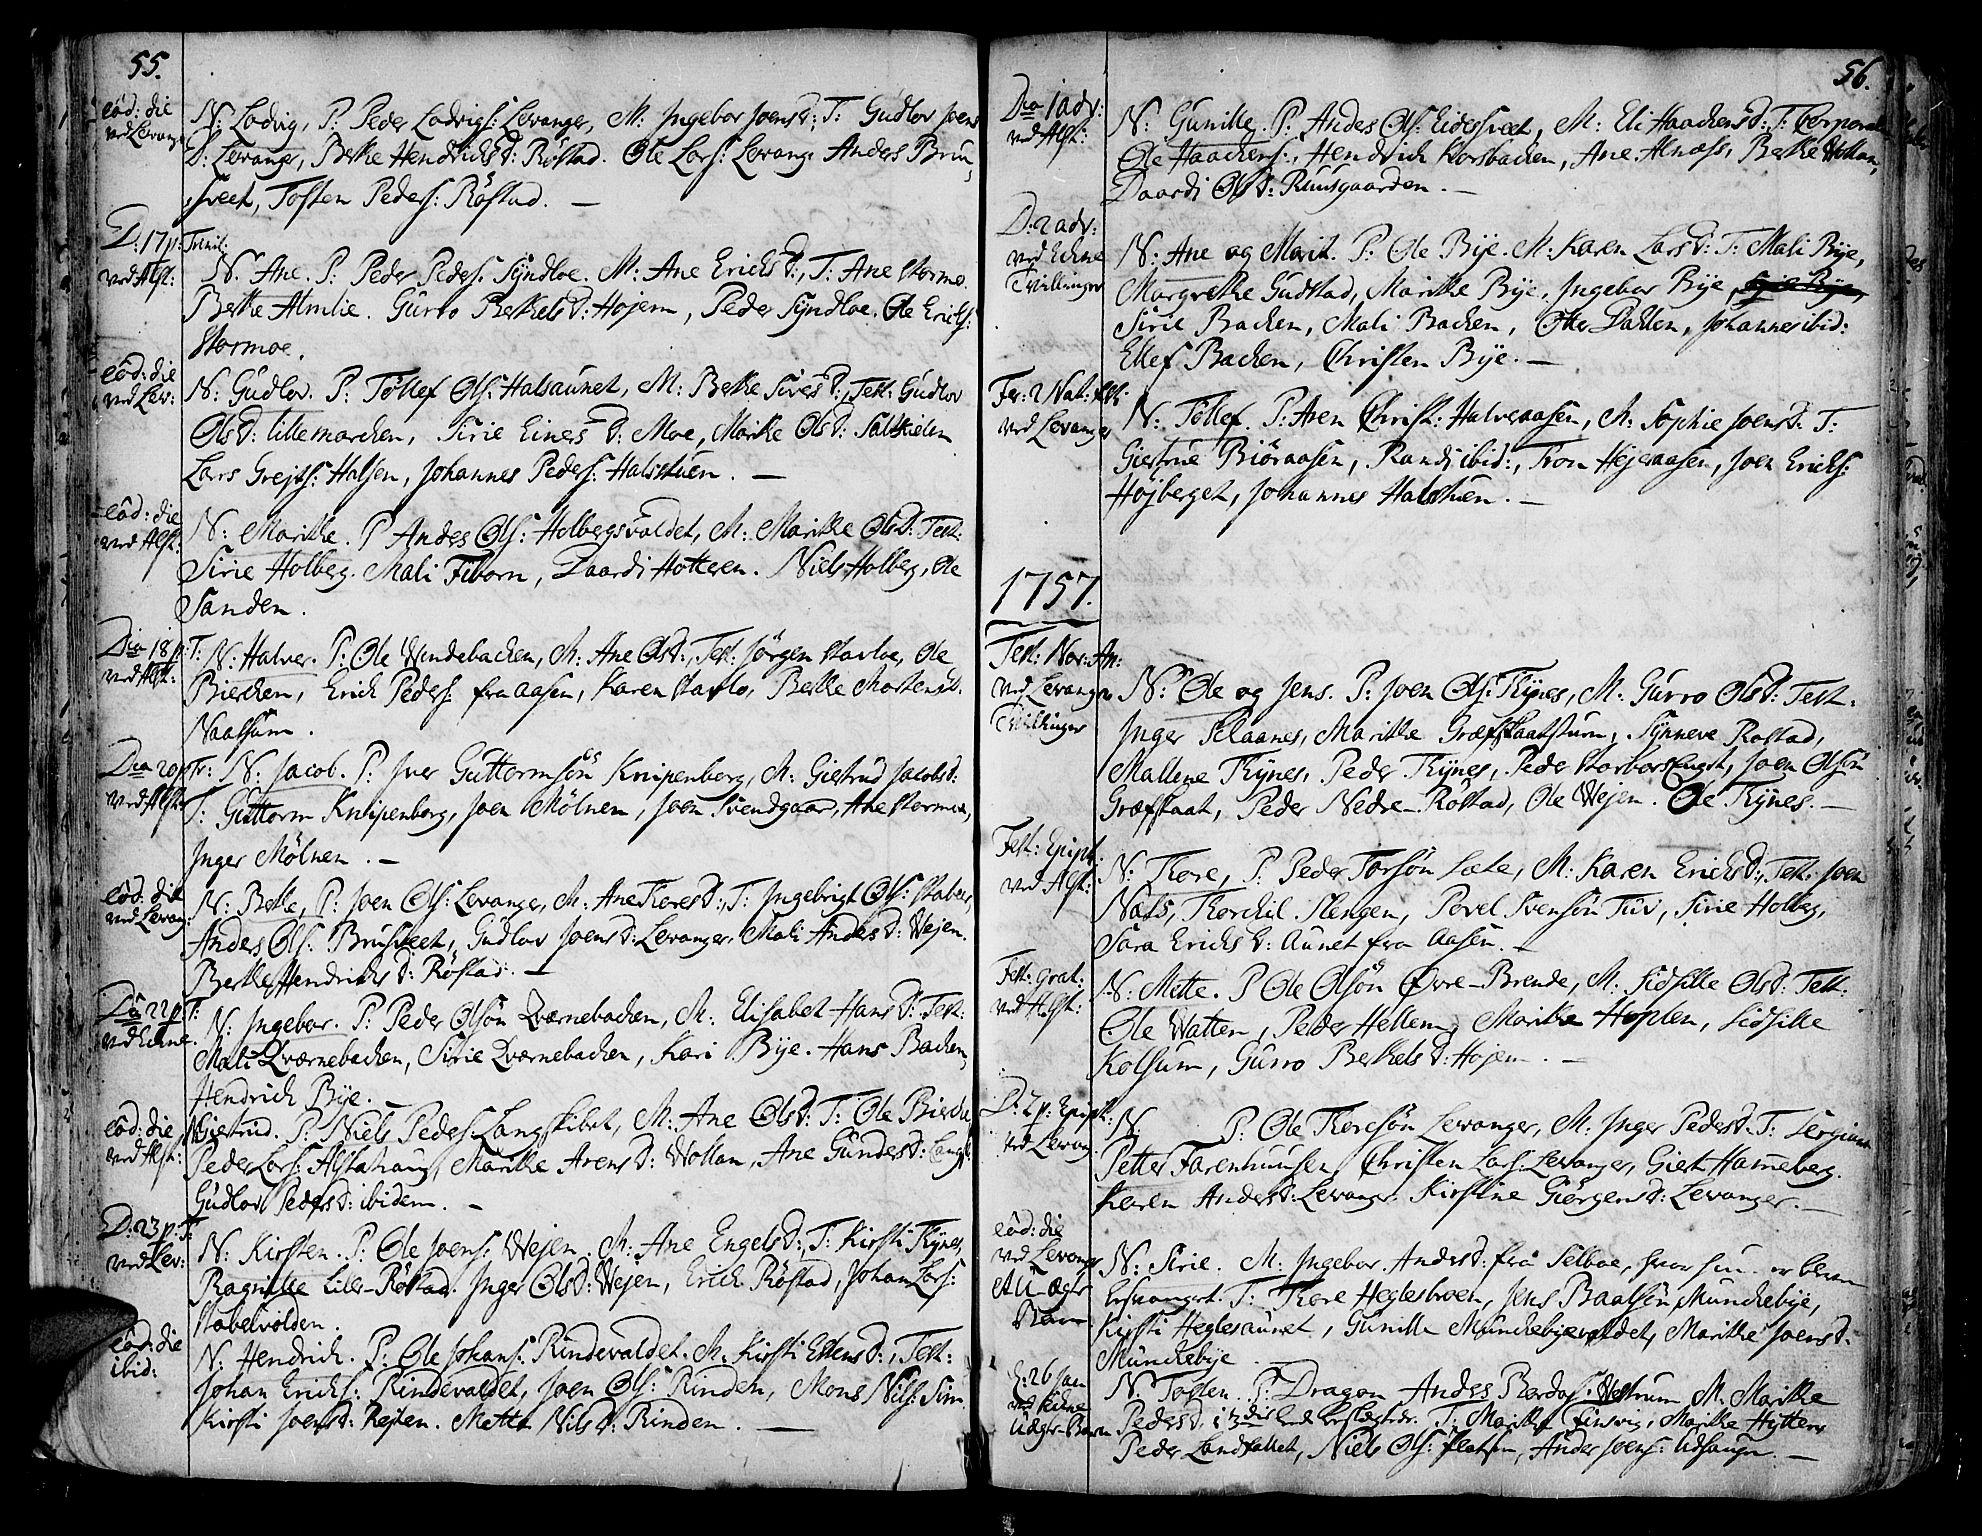 SAT, Ministerialprotokoller, klokkerbøker og fødselsregistre - Nord-Trøndelag, 717/L0141: Ministerialbok nr. 717A01, 1747-1803, s. 55-56